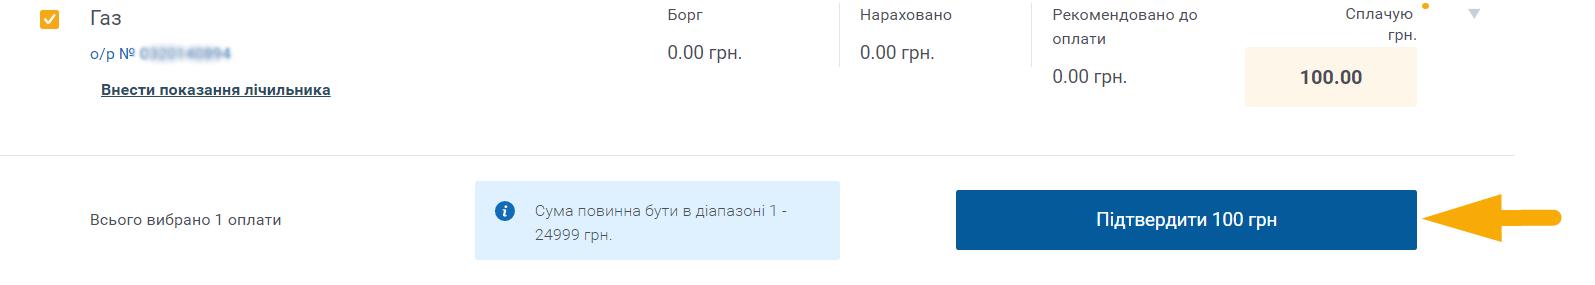 Як сплати Дніпропетровськгаз збут- крок 3